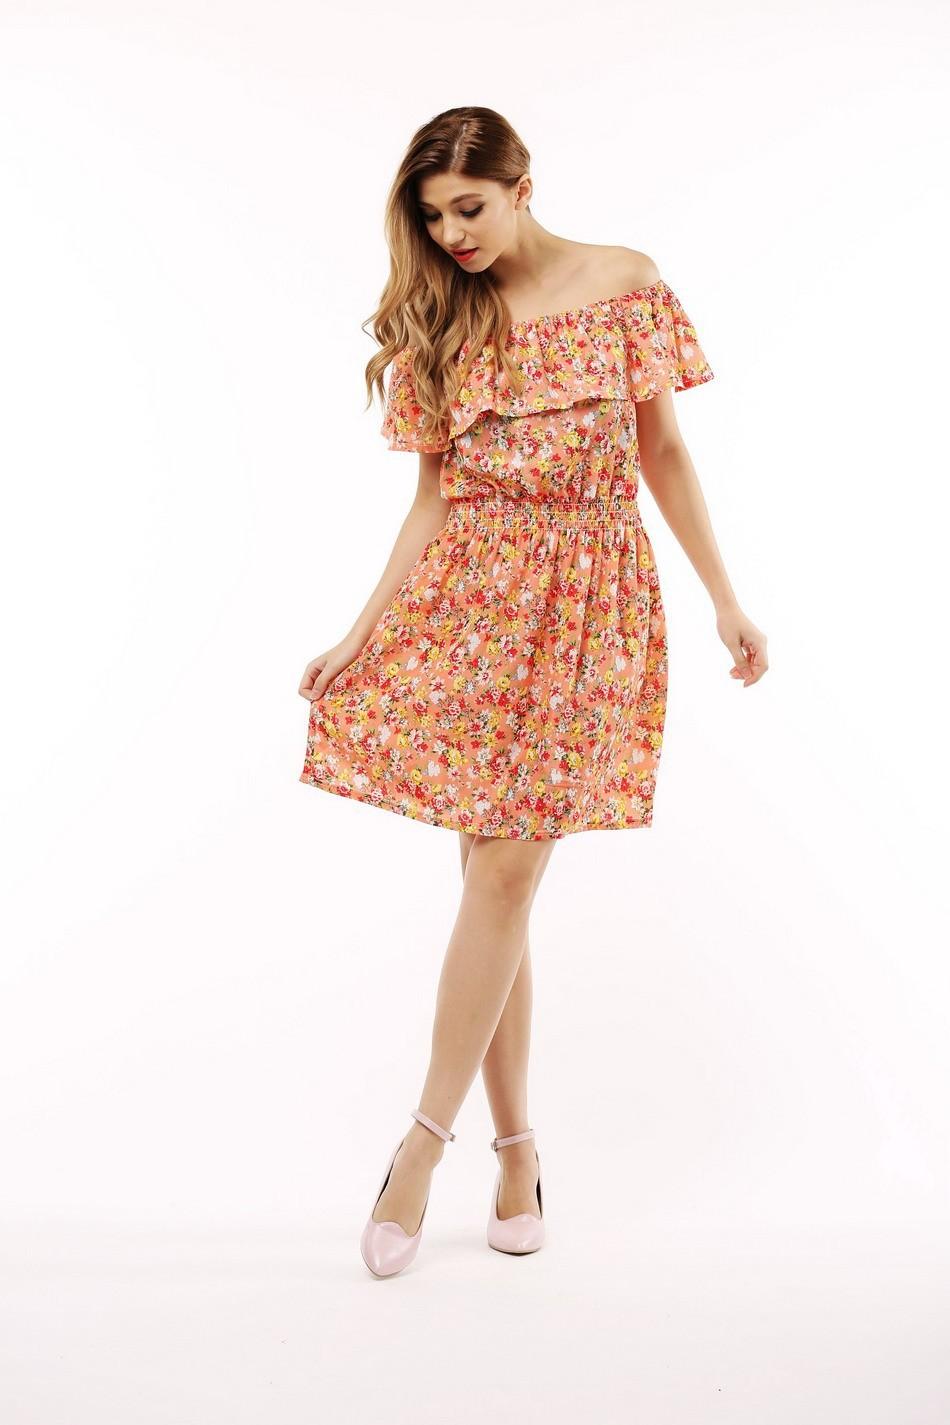 2017 fashion nowa wiosna lato plus size odzież kobiet floral print wzór sukienki na co dzień vestidos wc0472 17